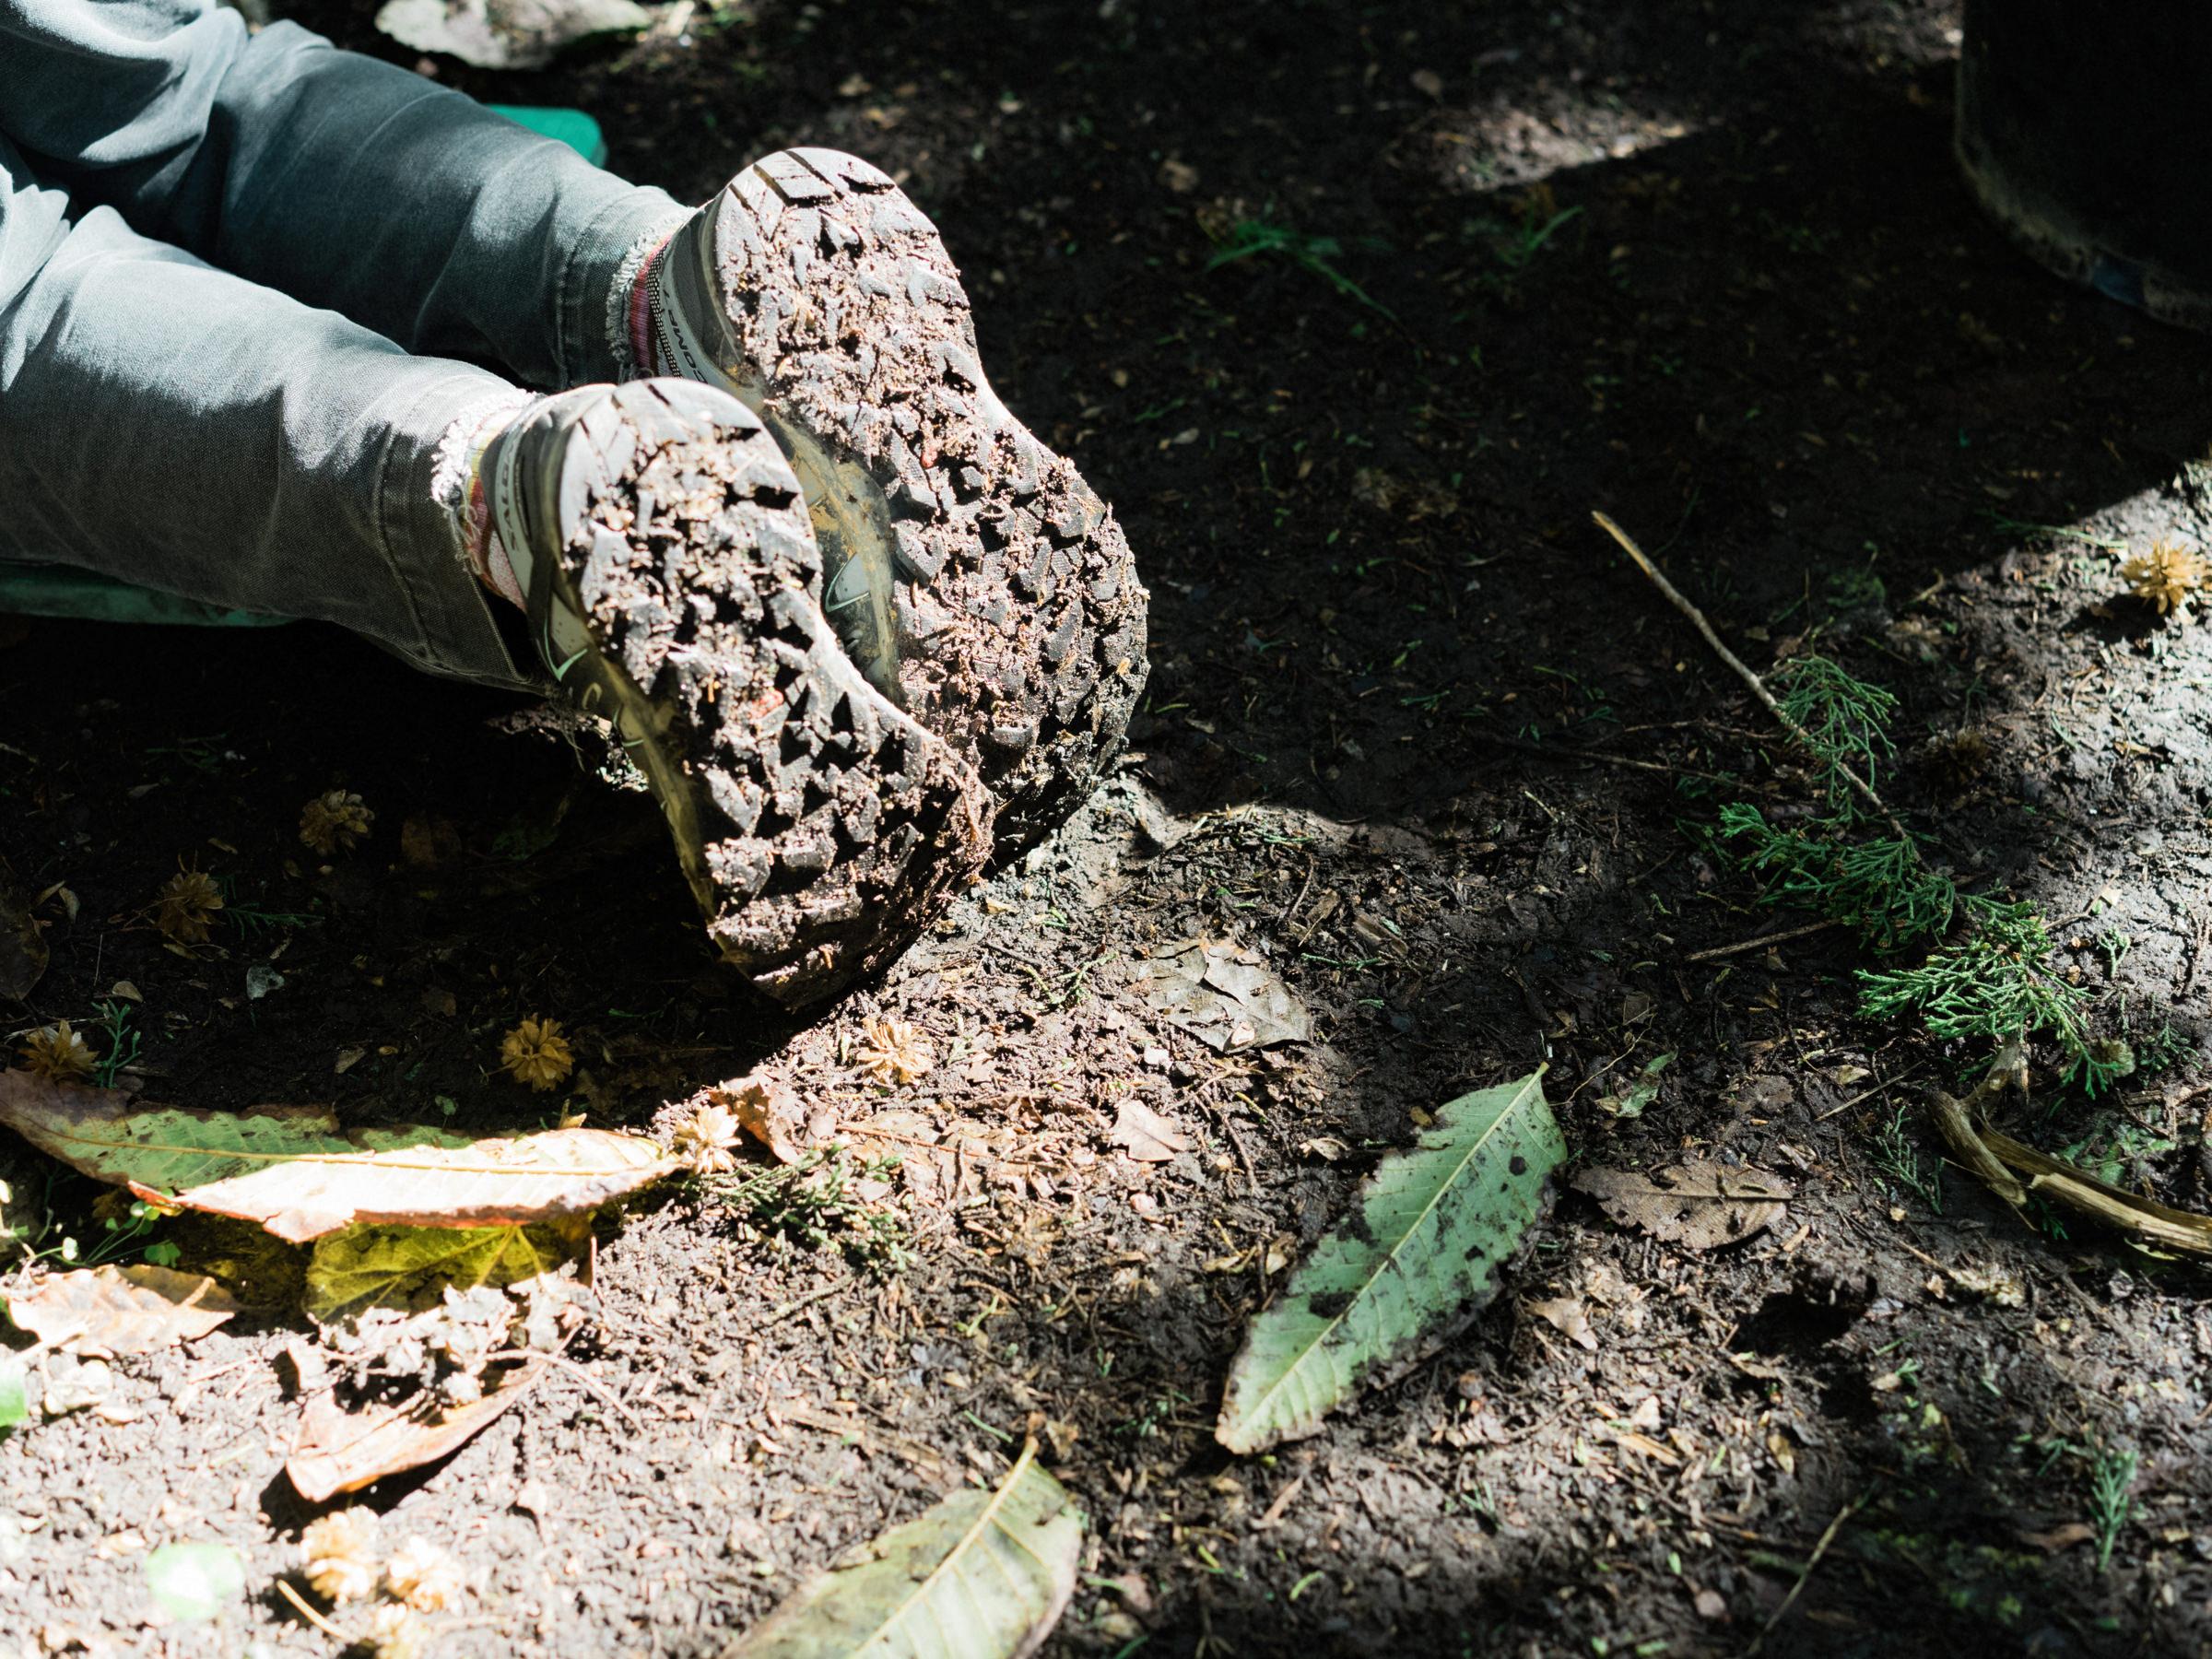 20170112-San-Francisco-Botanical-Garden-03.jpg